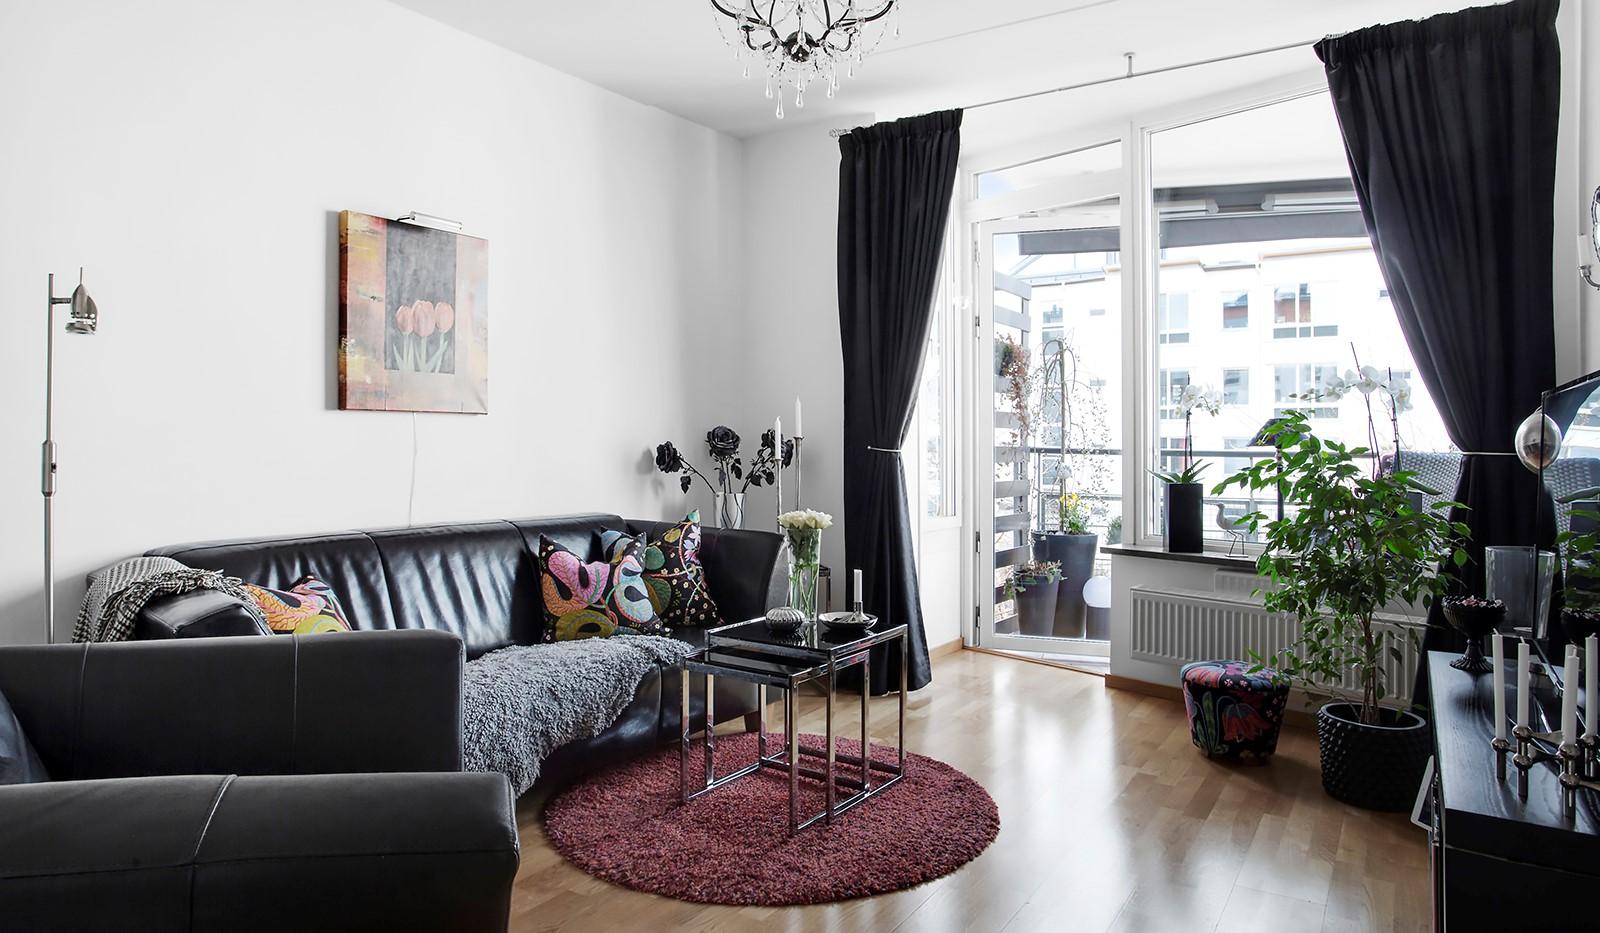 Lugnets Allé 69, 2 tr - Större sovrum med utgång till balkong